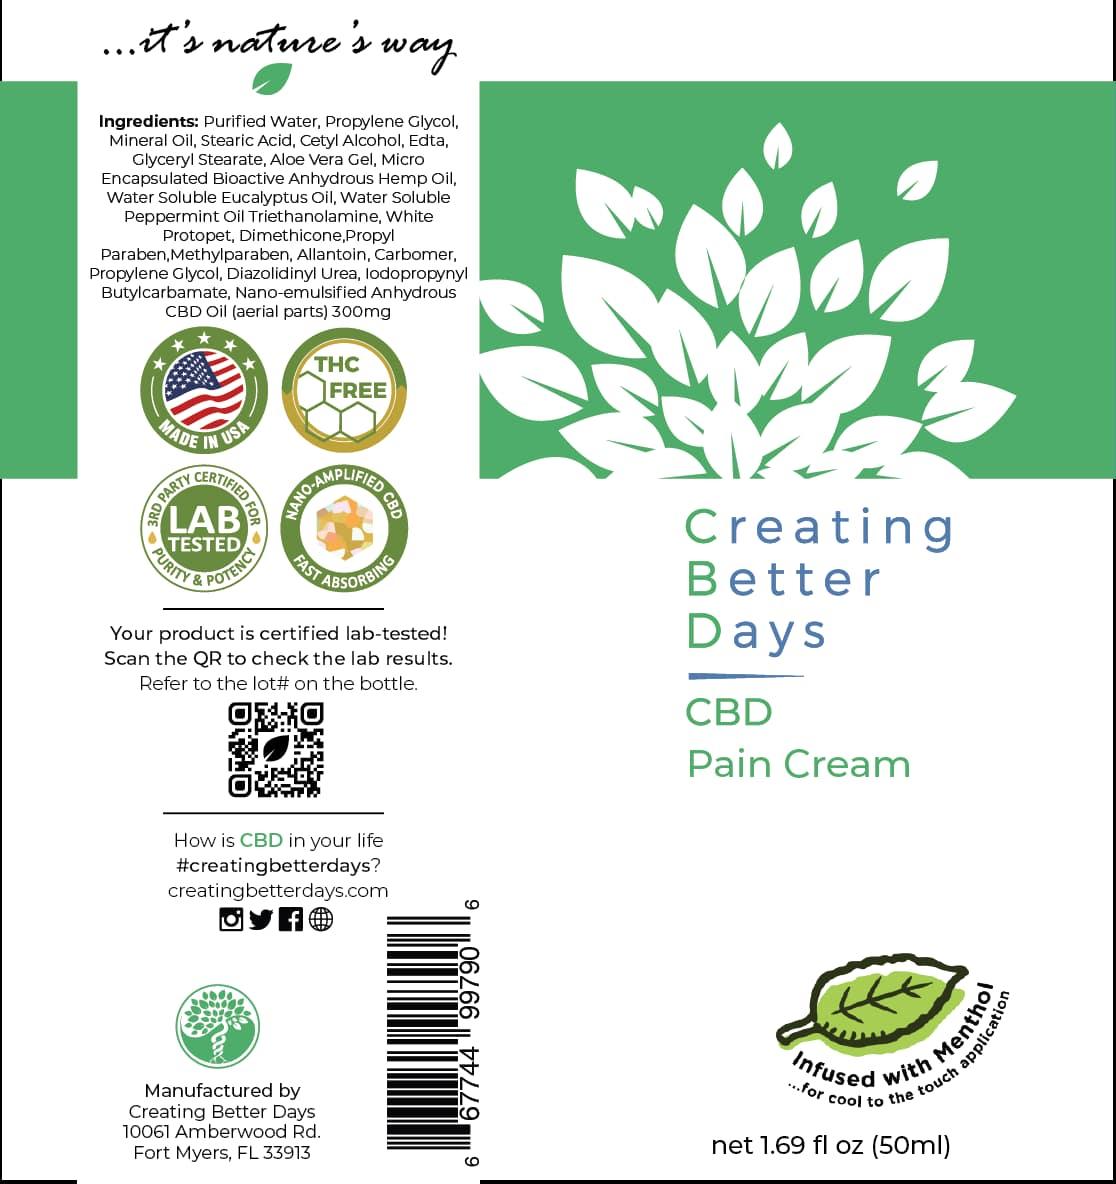 Creating Better Days, Nano-CBD Pain Cream, Full Spectrum, 1.69oz, 300mg of CBD2